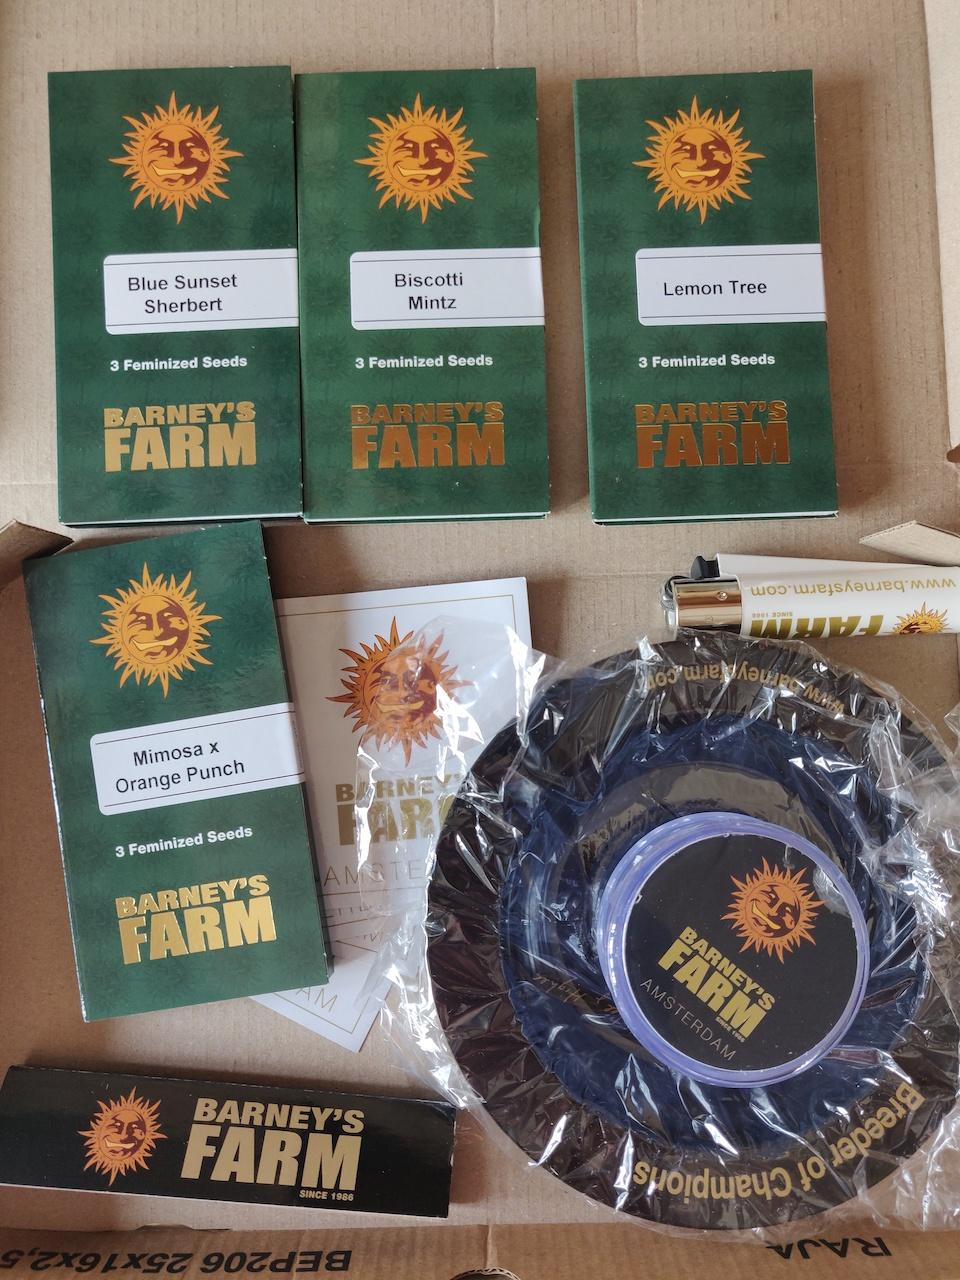 Barney's Farm seeds.jpg